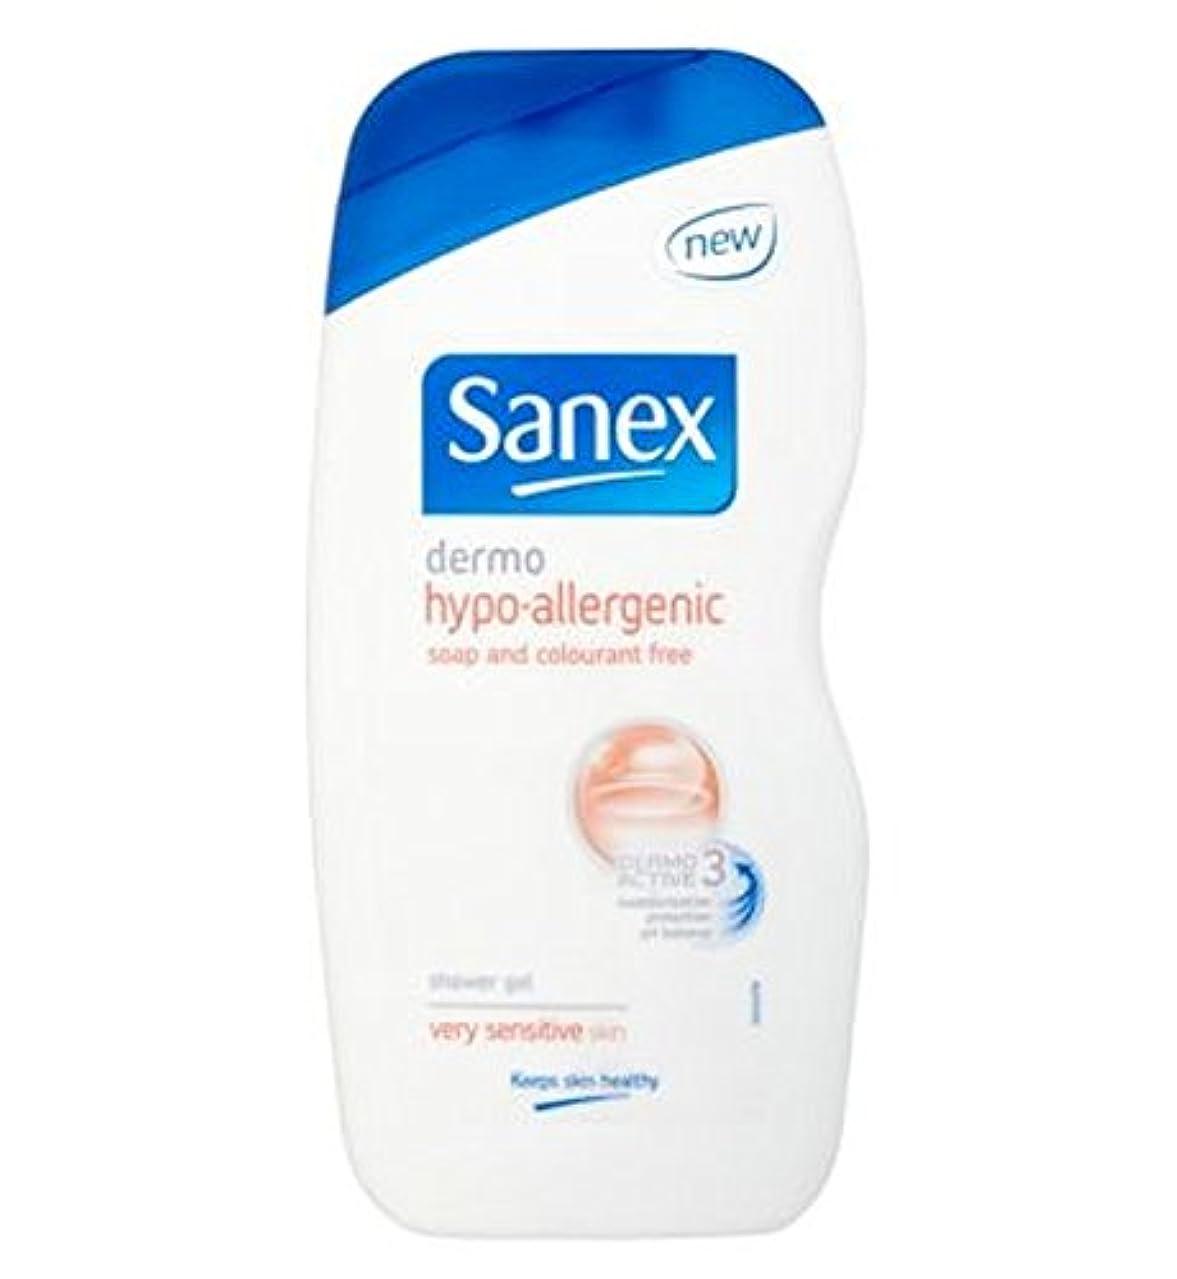 ビリーうそつき農学Sanex Hypoallergenic Shower Gel 500ml - Sanex低刺激性のシャワージェル500ミリリットル (Sanex) [並行輸入品]